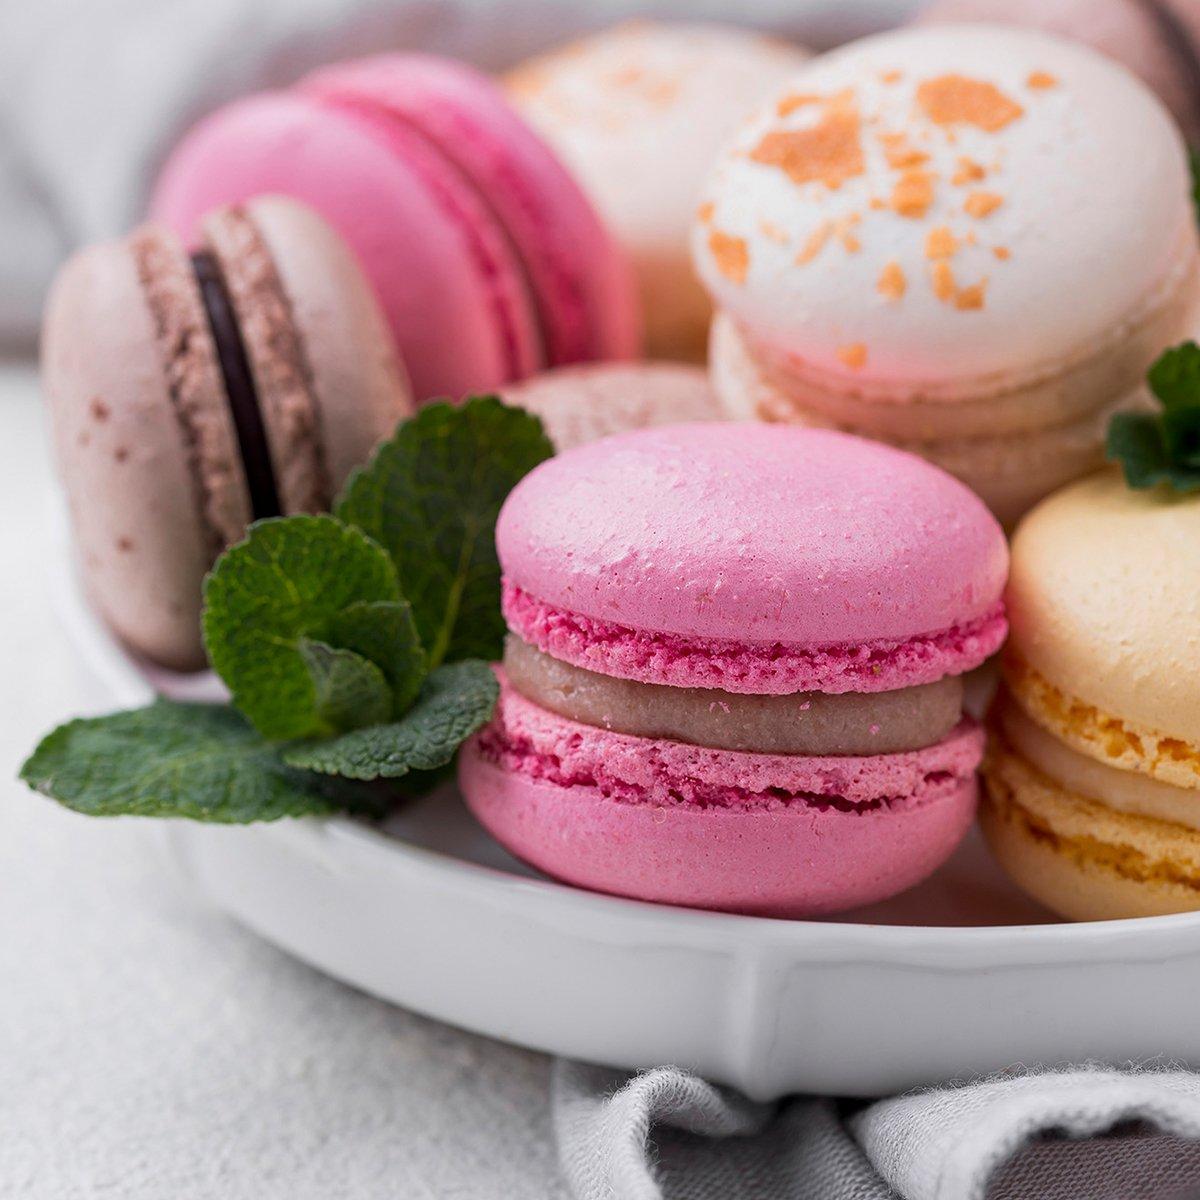 Macaron | Merci Beaucoup Cakes